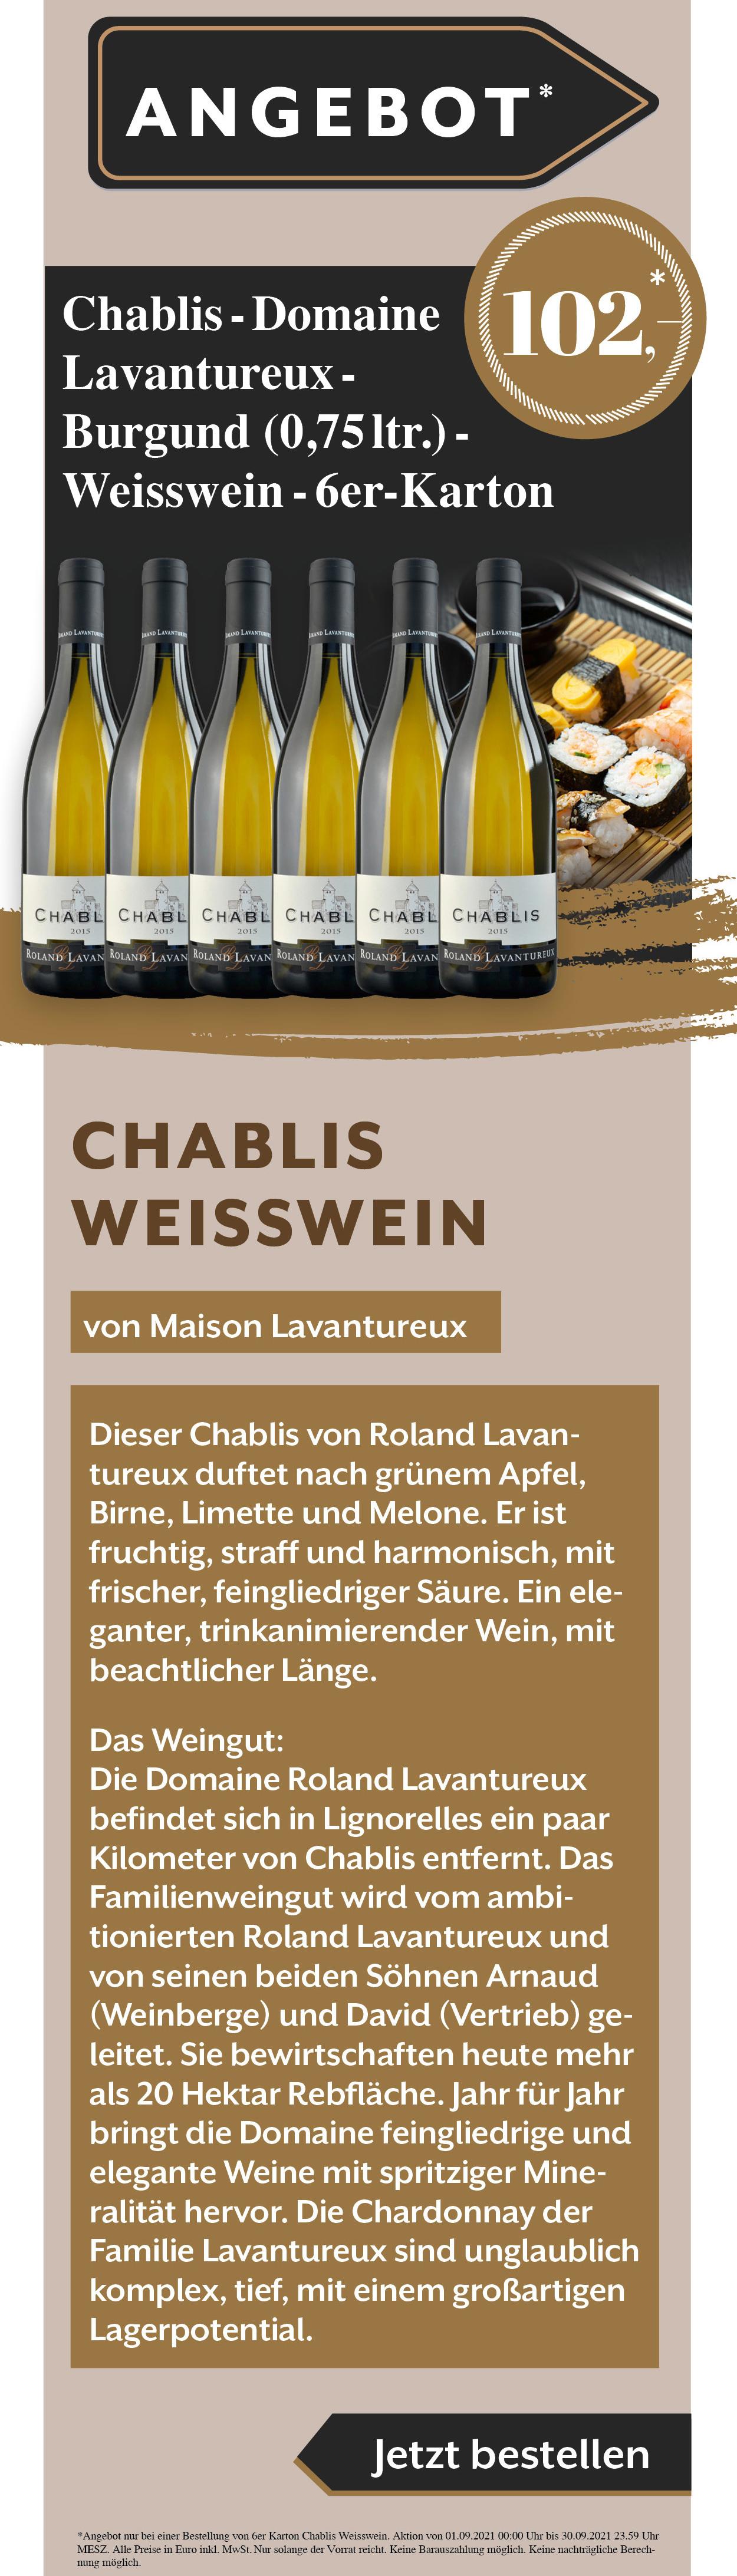 Wein Chablis Burgund Maison Lavantureux Angebot Rabatt Weißwein Rotwein Rose Gault Millau Weinguide